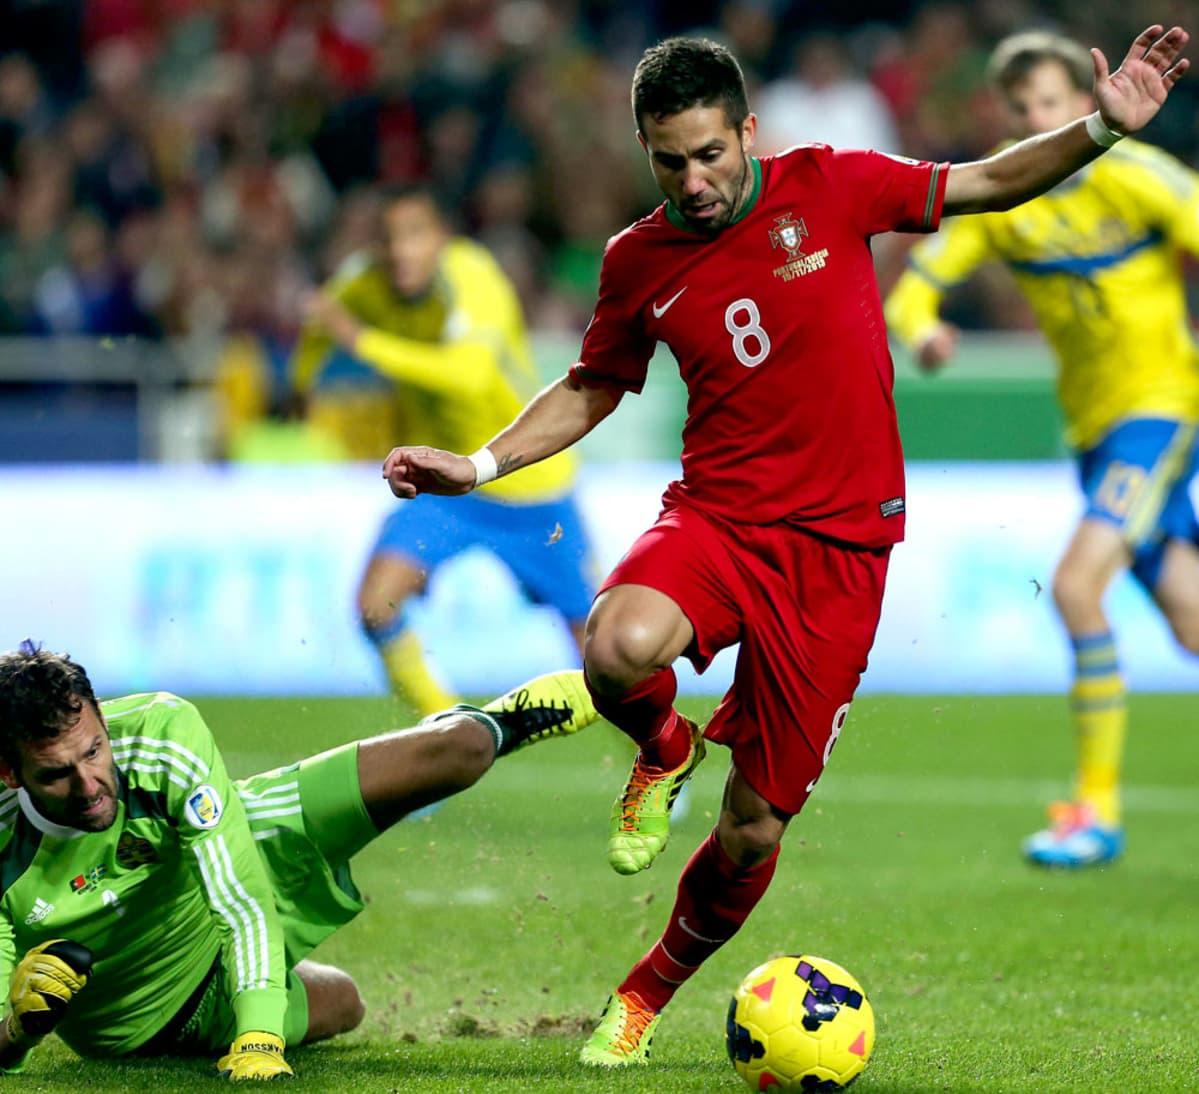 Portugalin Liiga